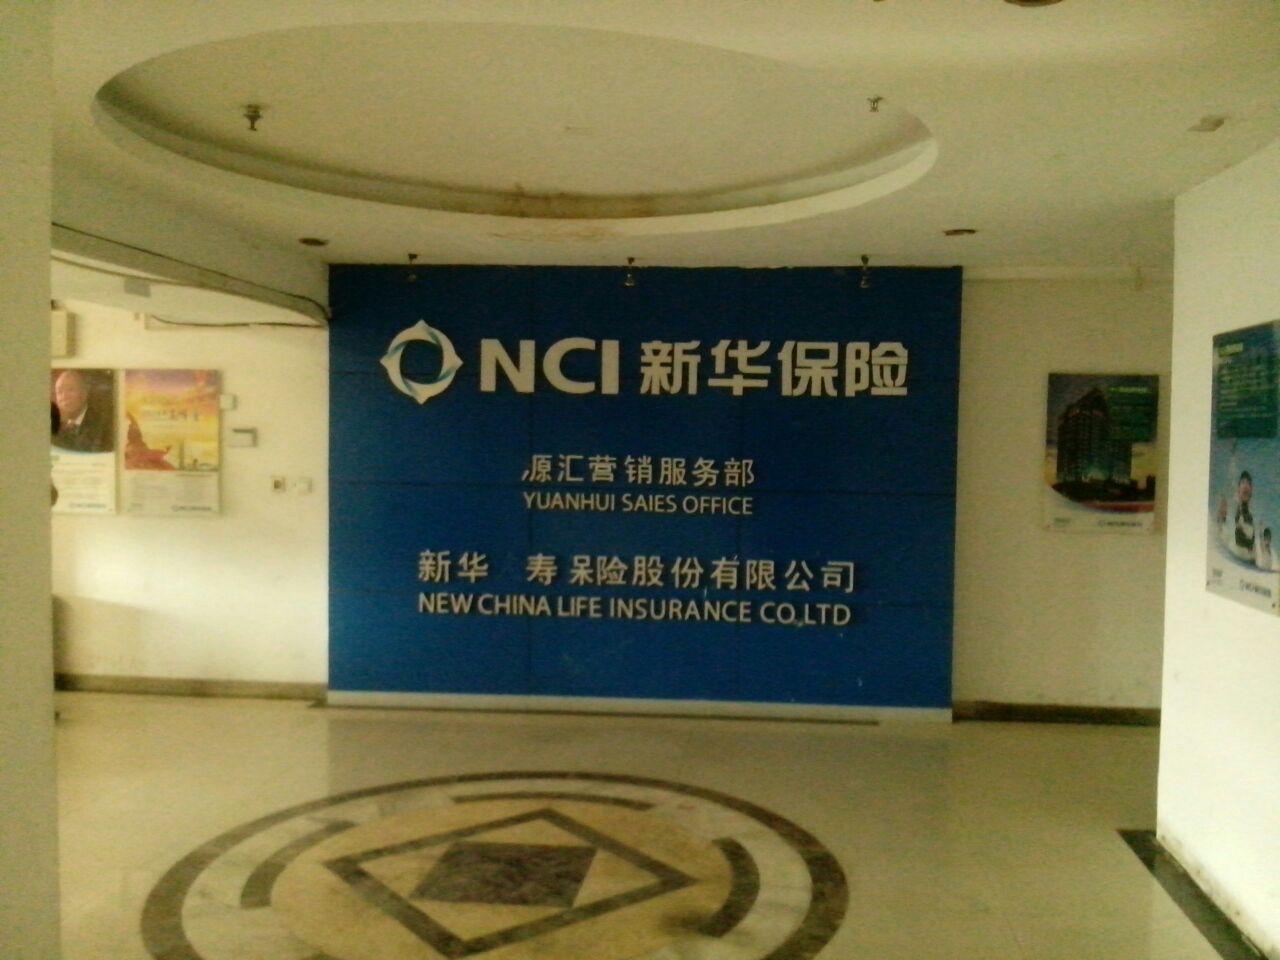 新华人寿(漯河分公司)